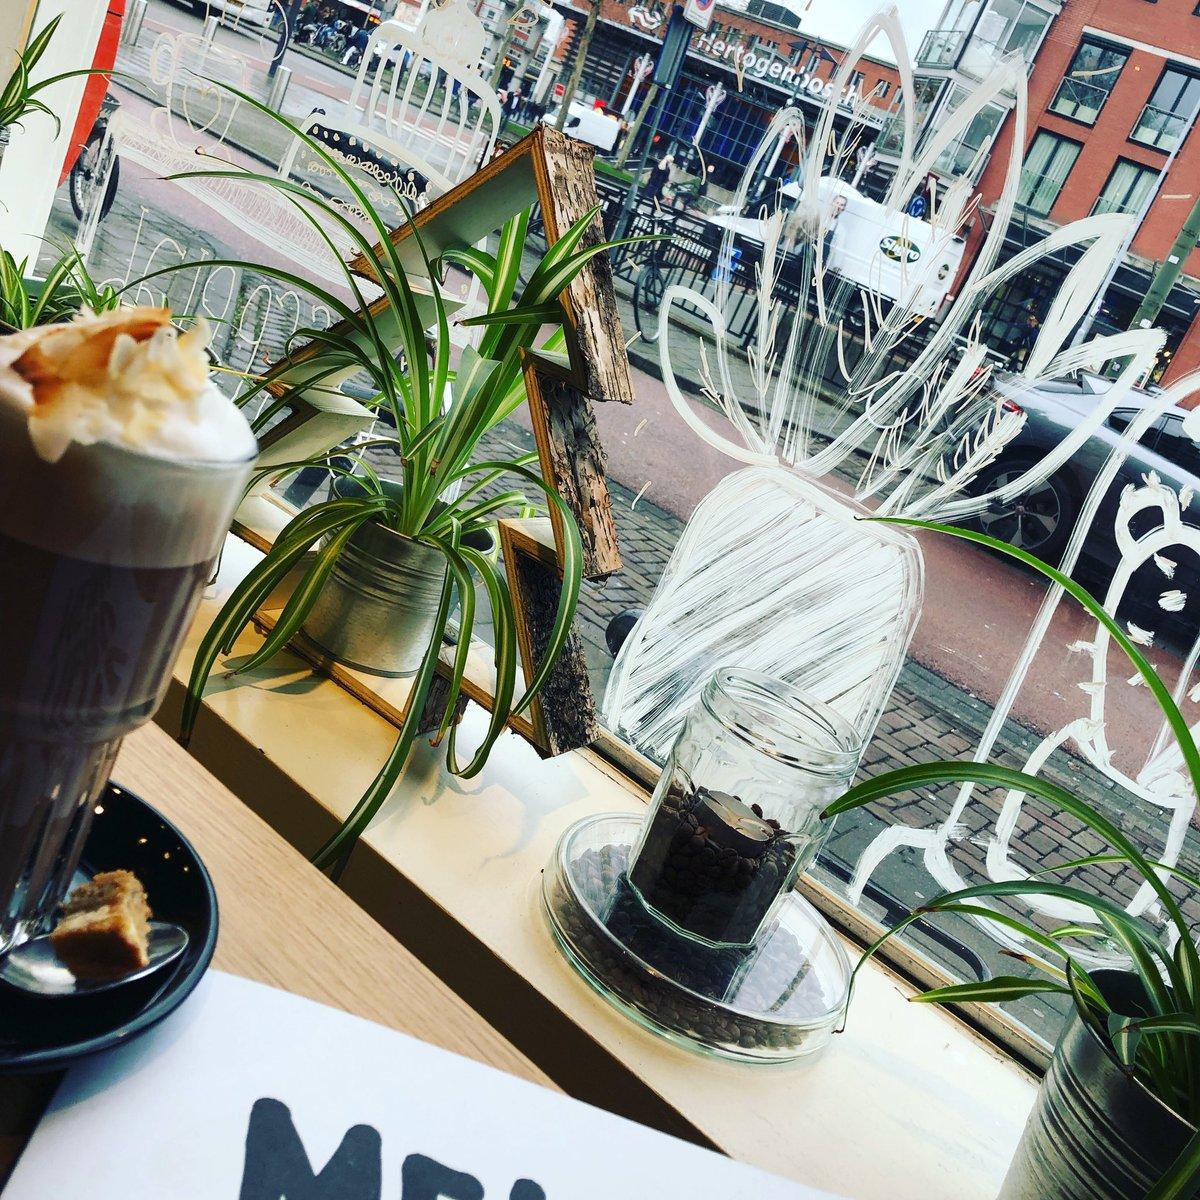 #coffeelabdenbosch  🤙